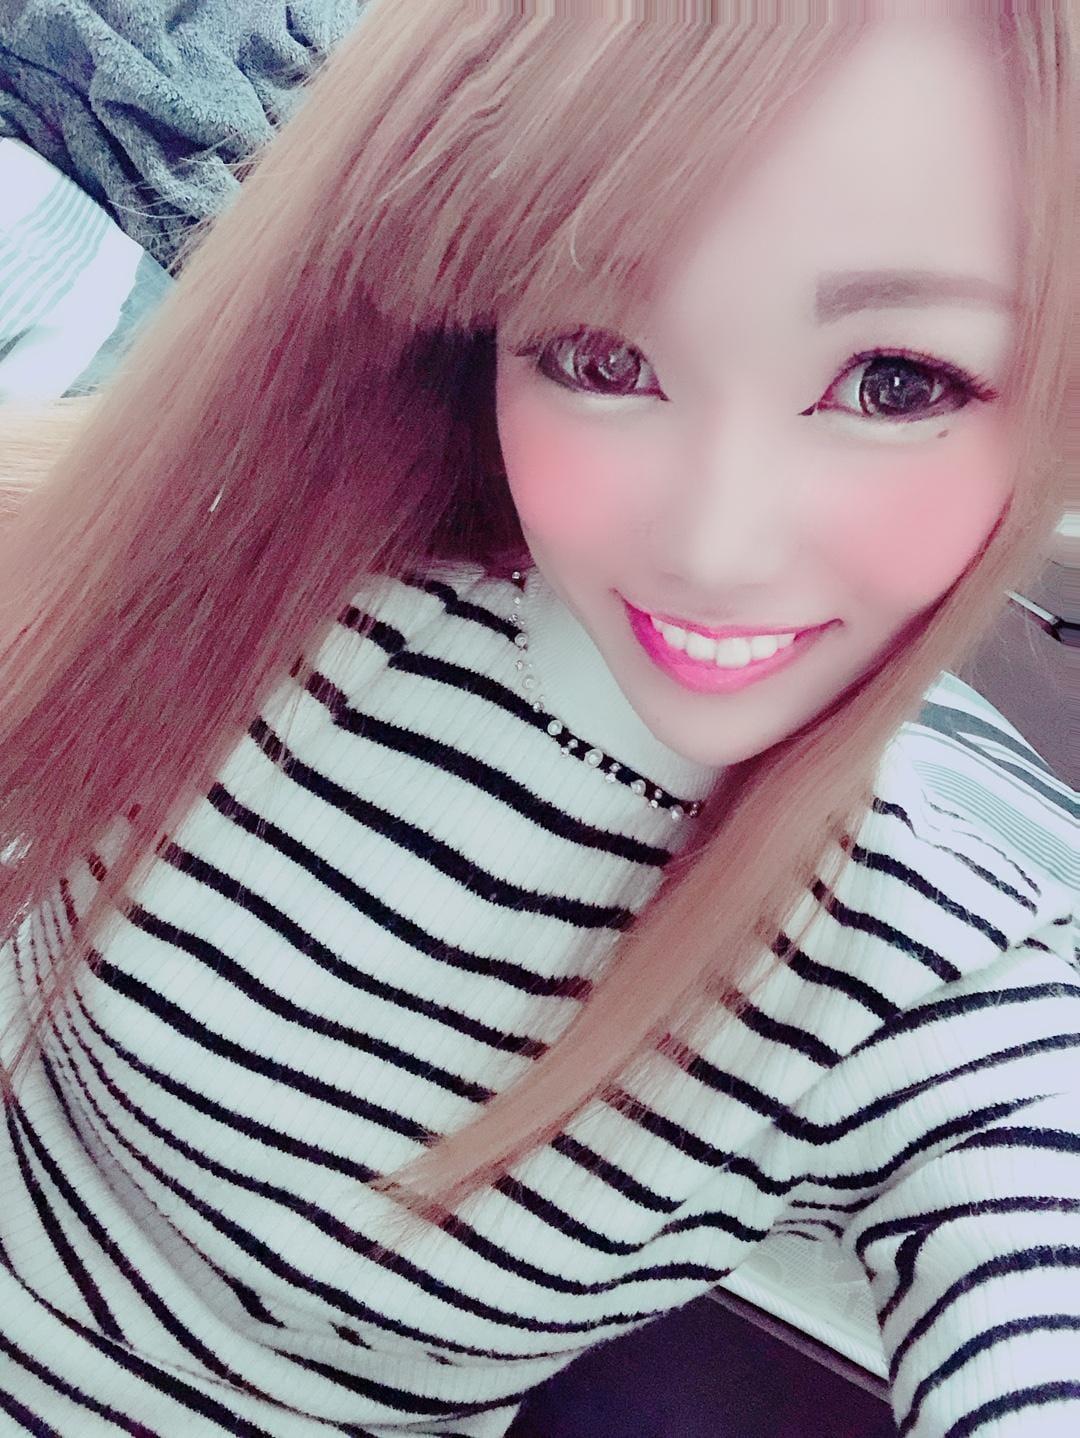 「こんにちわ」12/10日(月) 14:20 | りあなの写メ・風俗動画